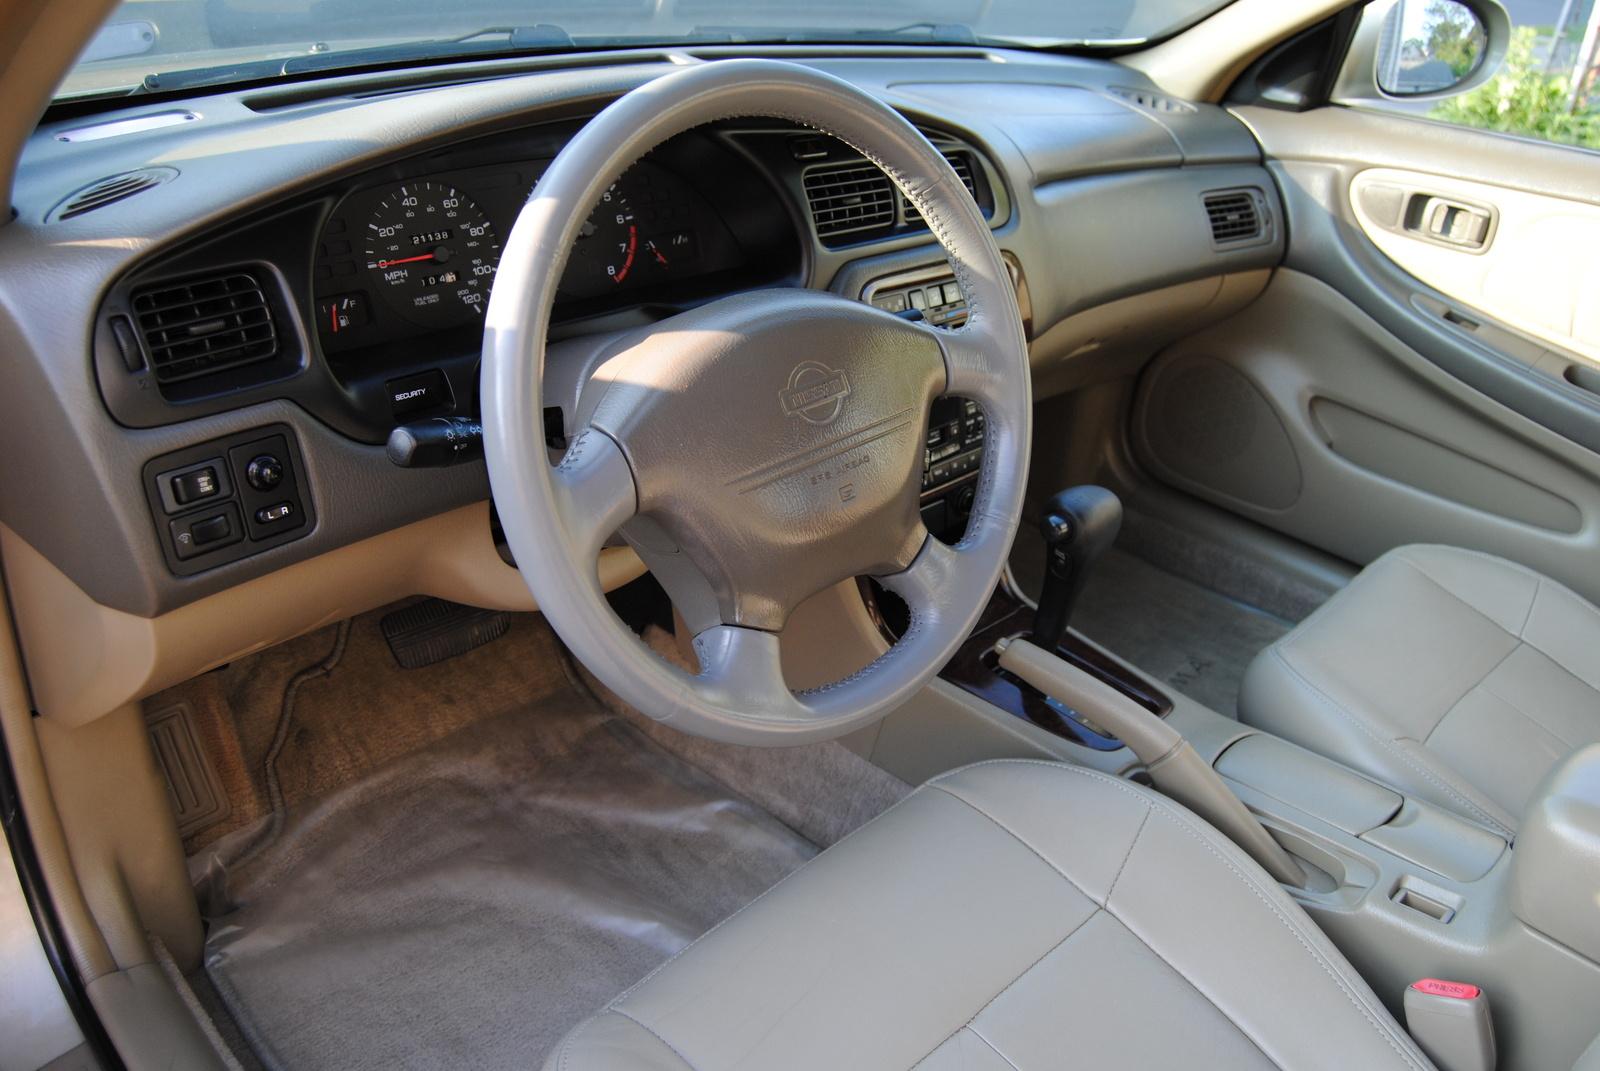 1998 Nissan Altima Pictures Cargurus